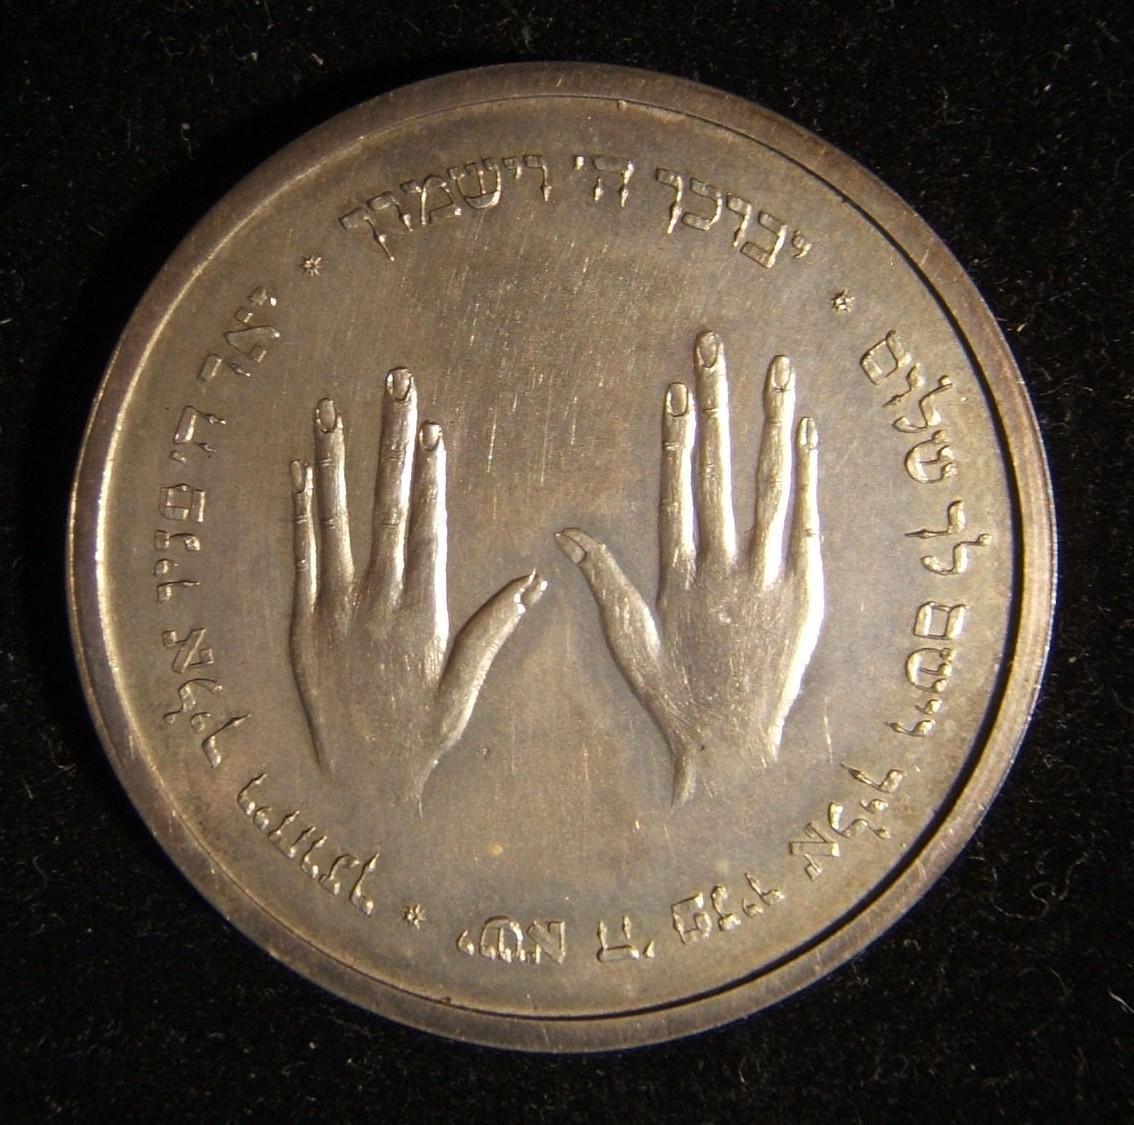 Großbritannien: Jüdische 'Pidyon HaBen' Silberne Münze (ND), 1955; entworfen von Vivian Cohen, produziert von Kenning & Spencer von London; Größe: 35 mm; Gewicht: 21,05 g. Vorderse